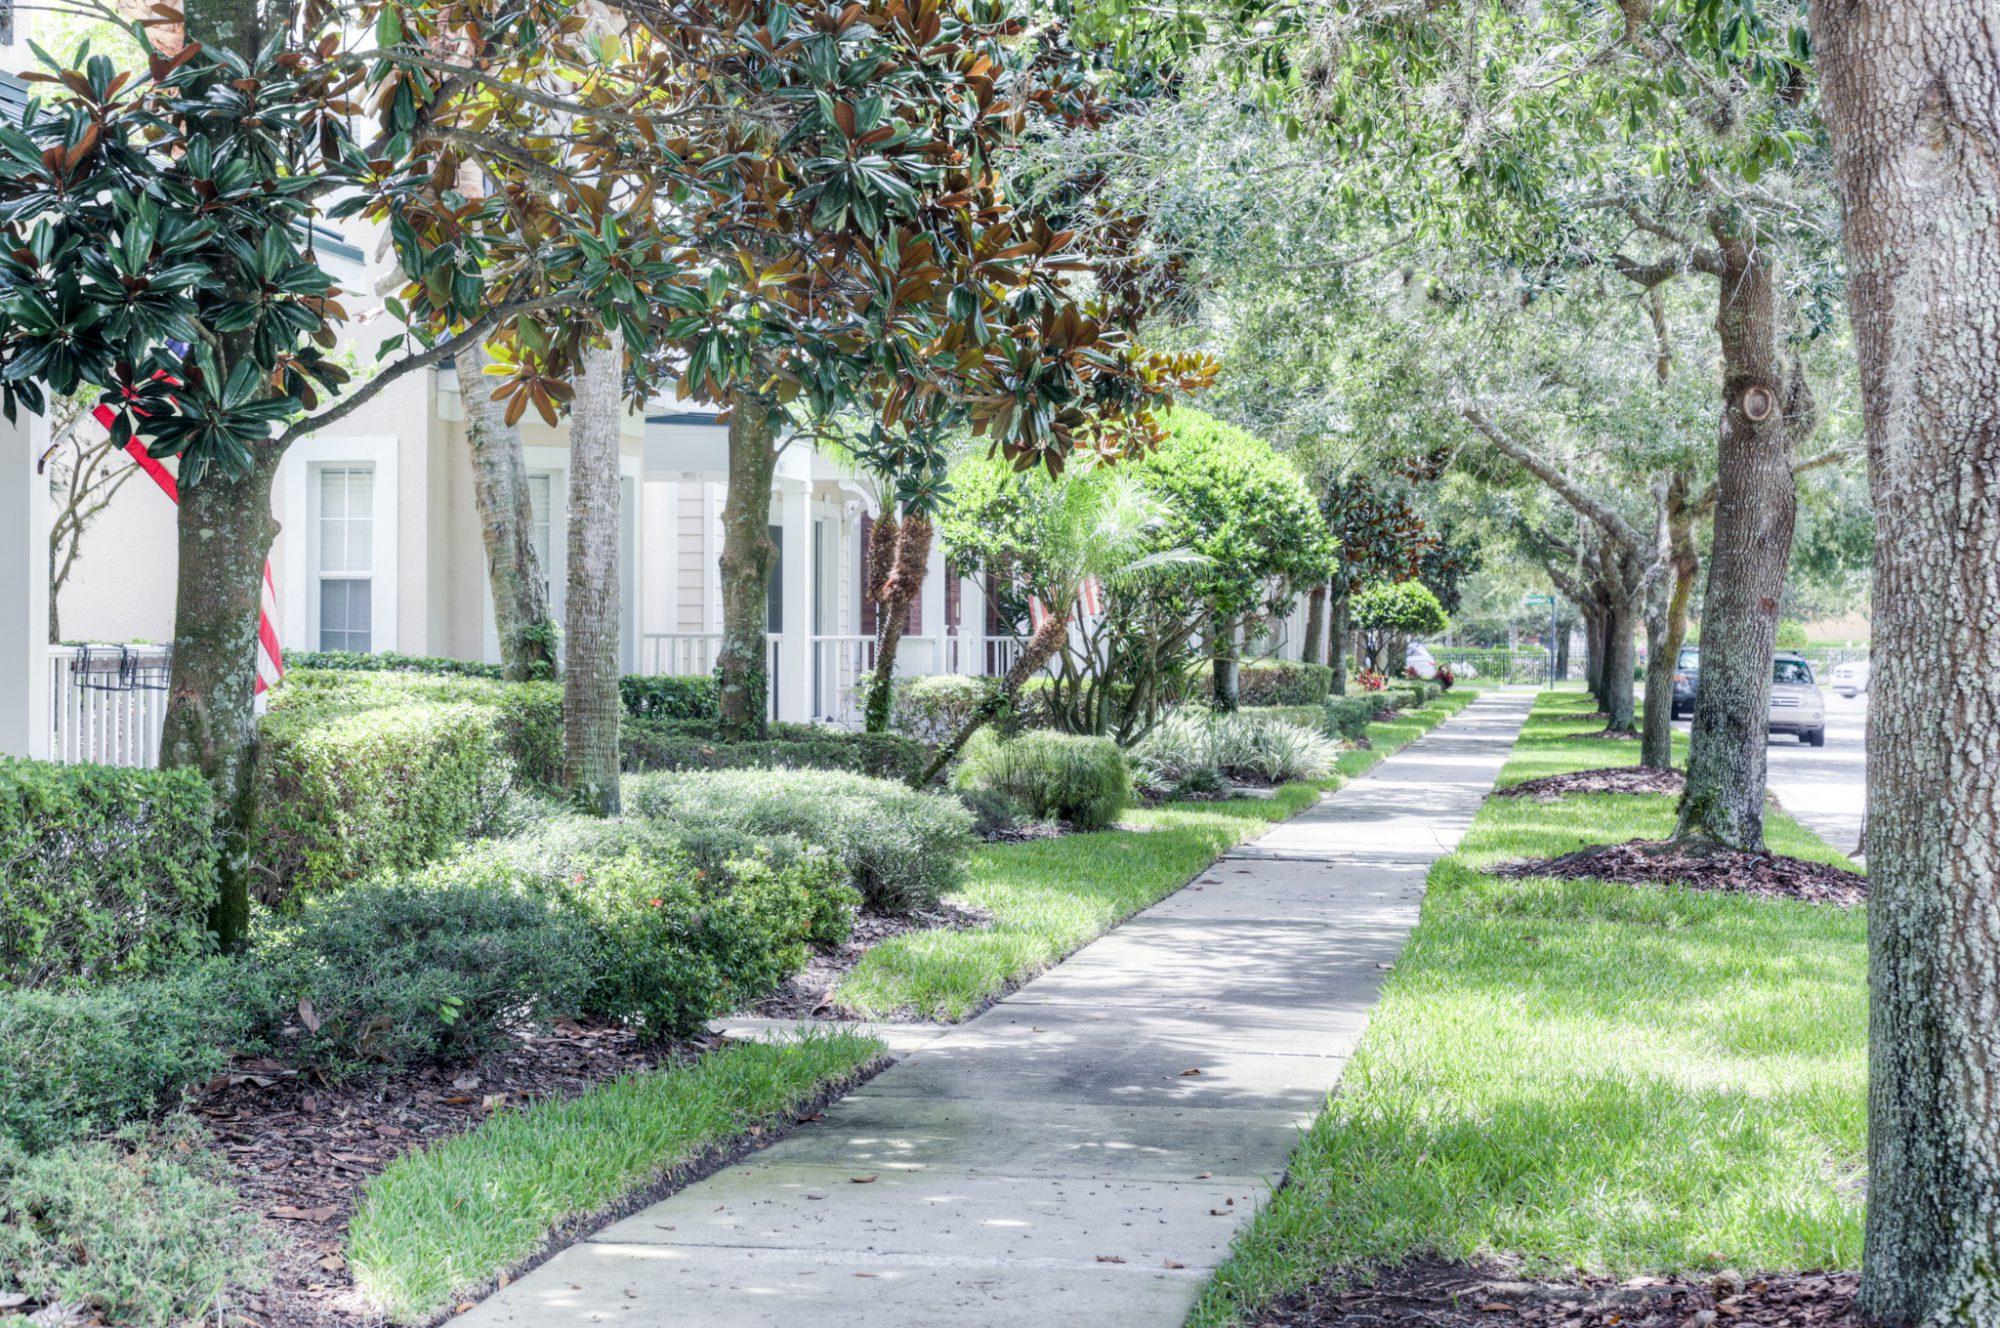 NorthLake Park landscape sidewalk